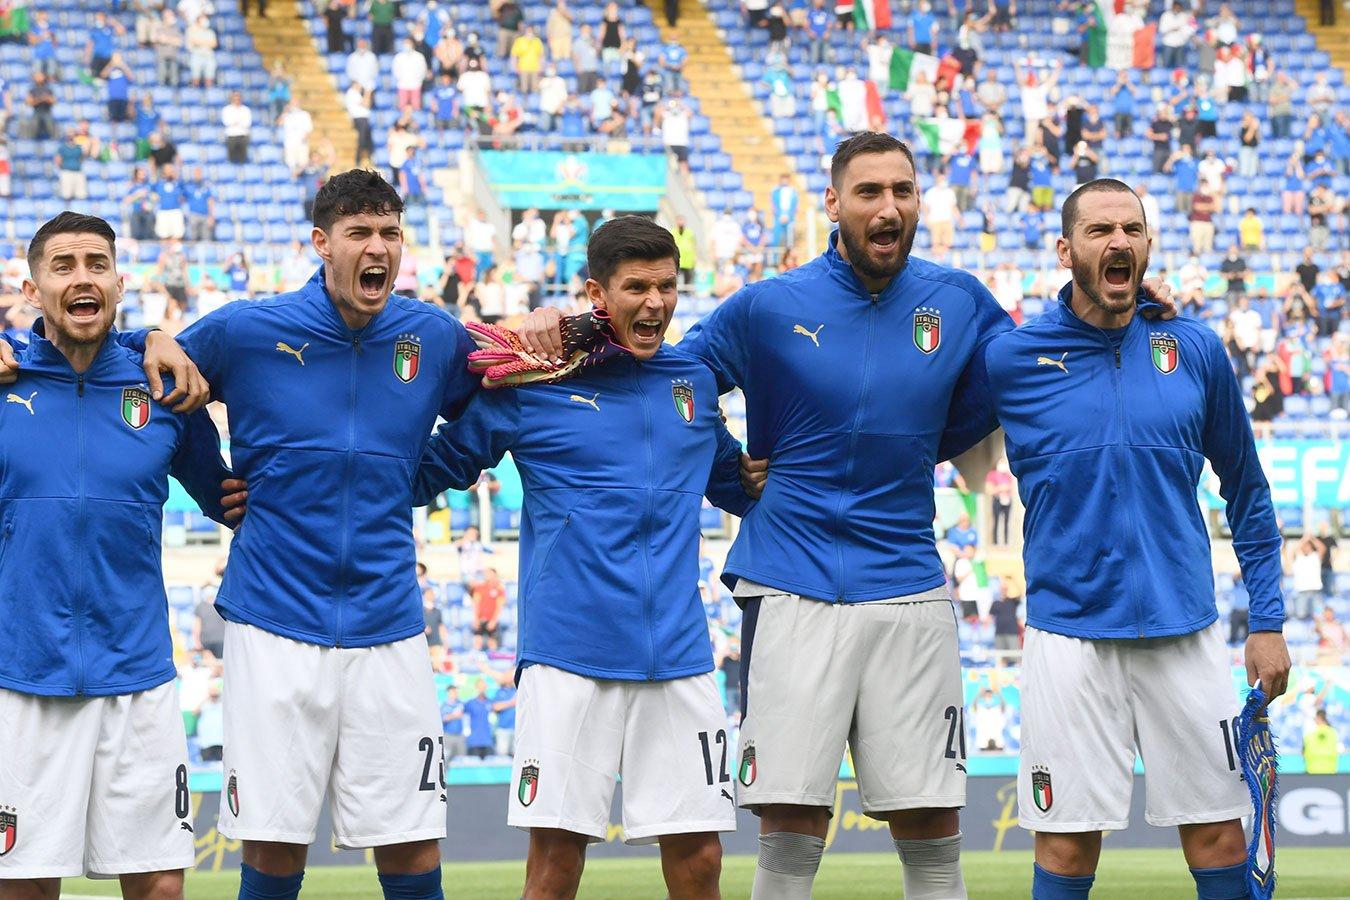 Италия — Австрия: прямой эфир матча 1/8 финала Евро-2020 на Первом канале начнётся в 22:00